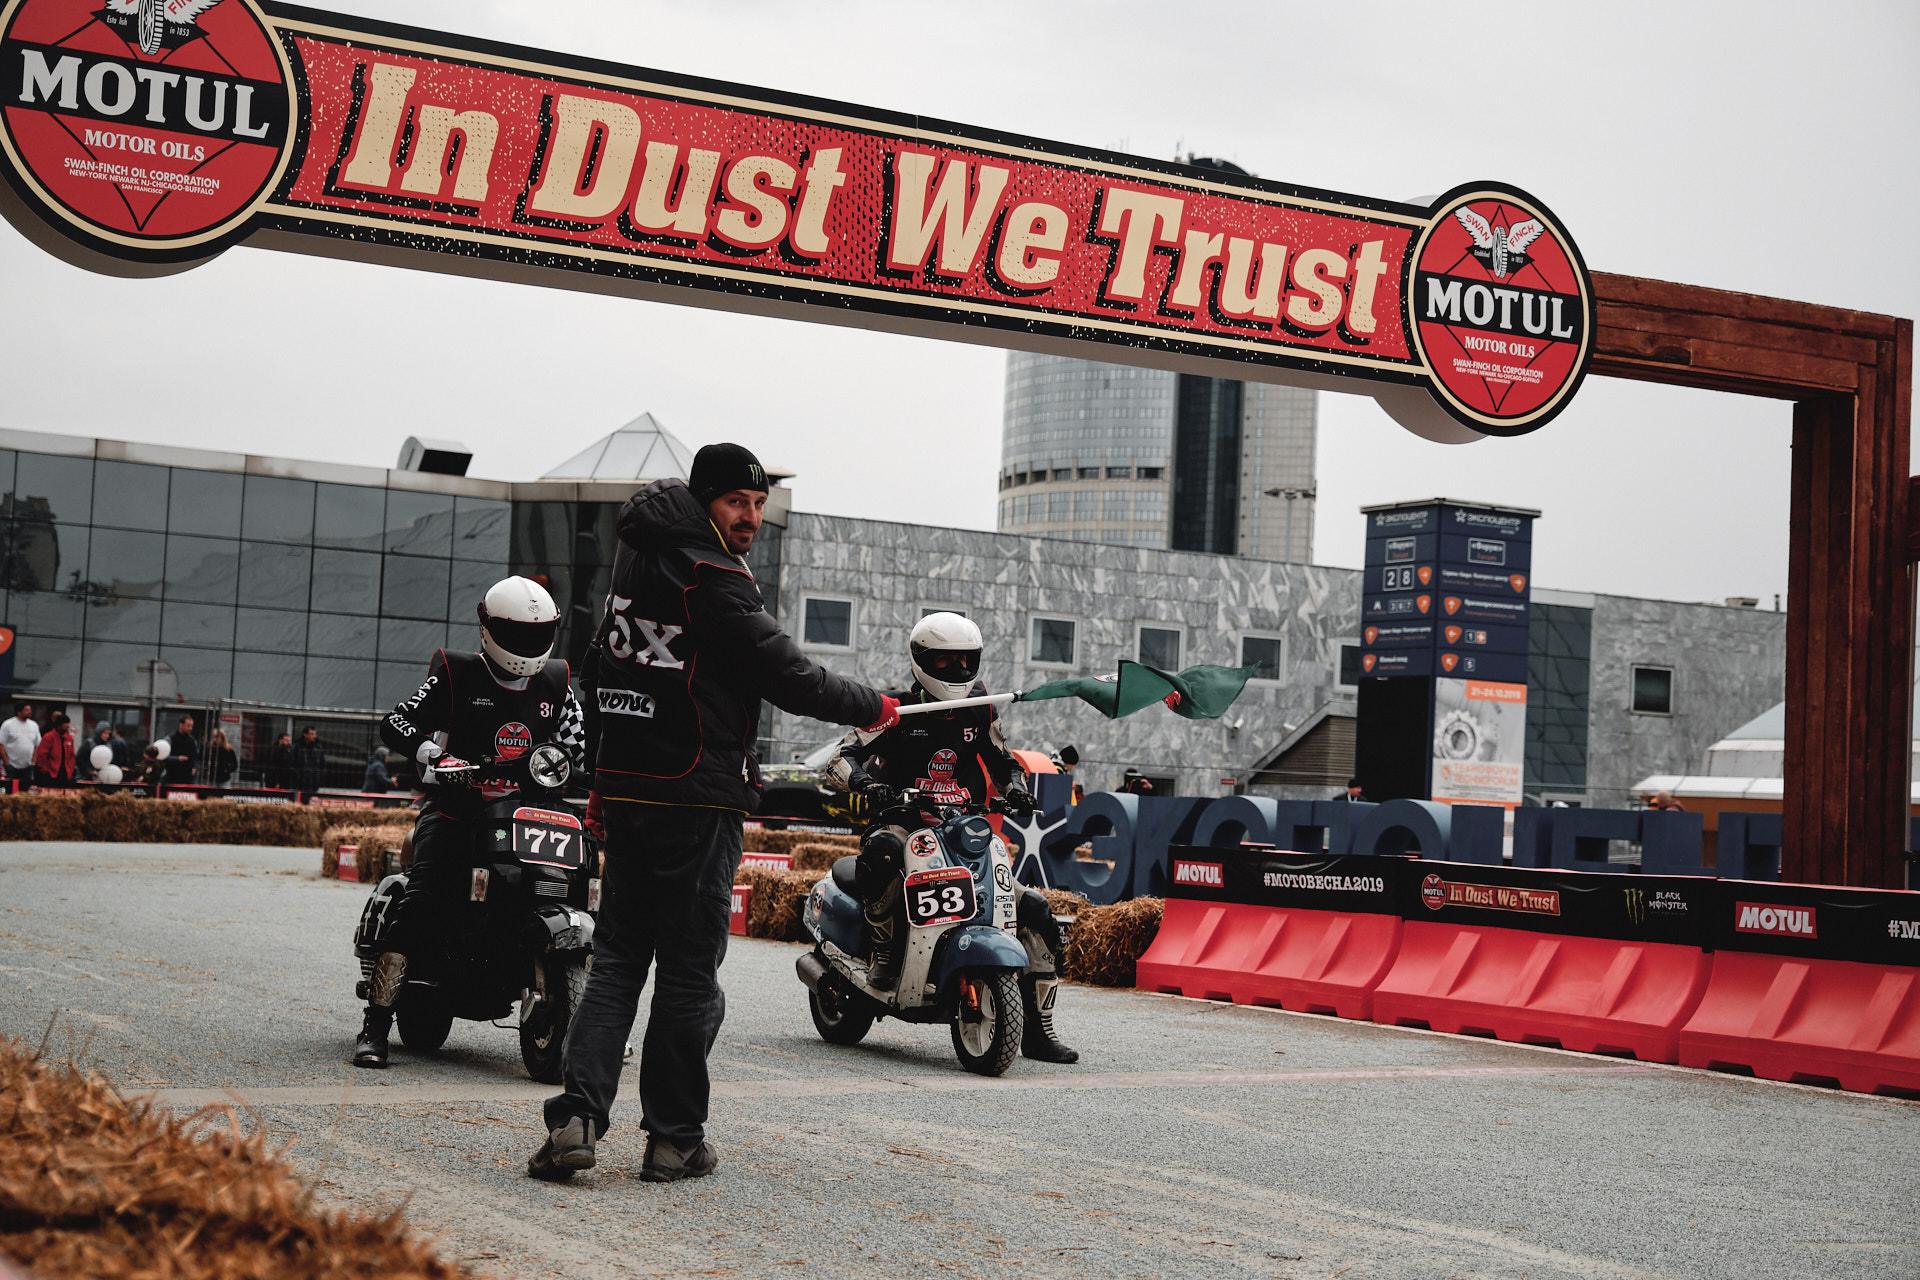 Мотовесна 2019 FlatTrack Motul In Dust We Trast